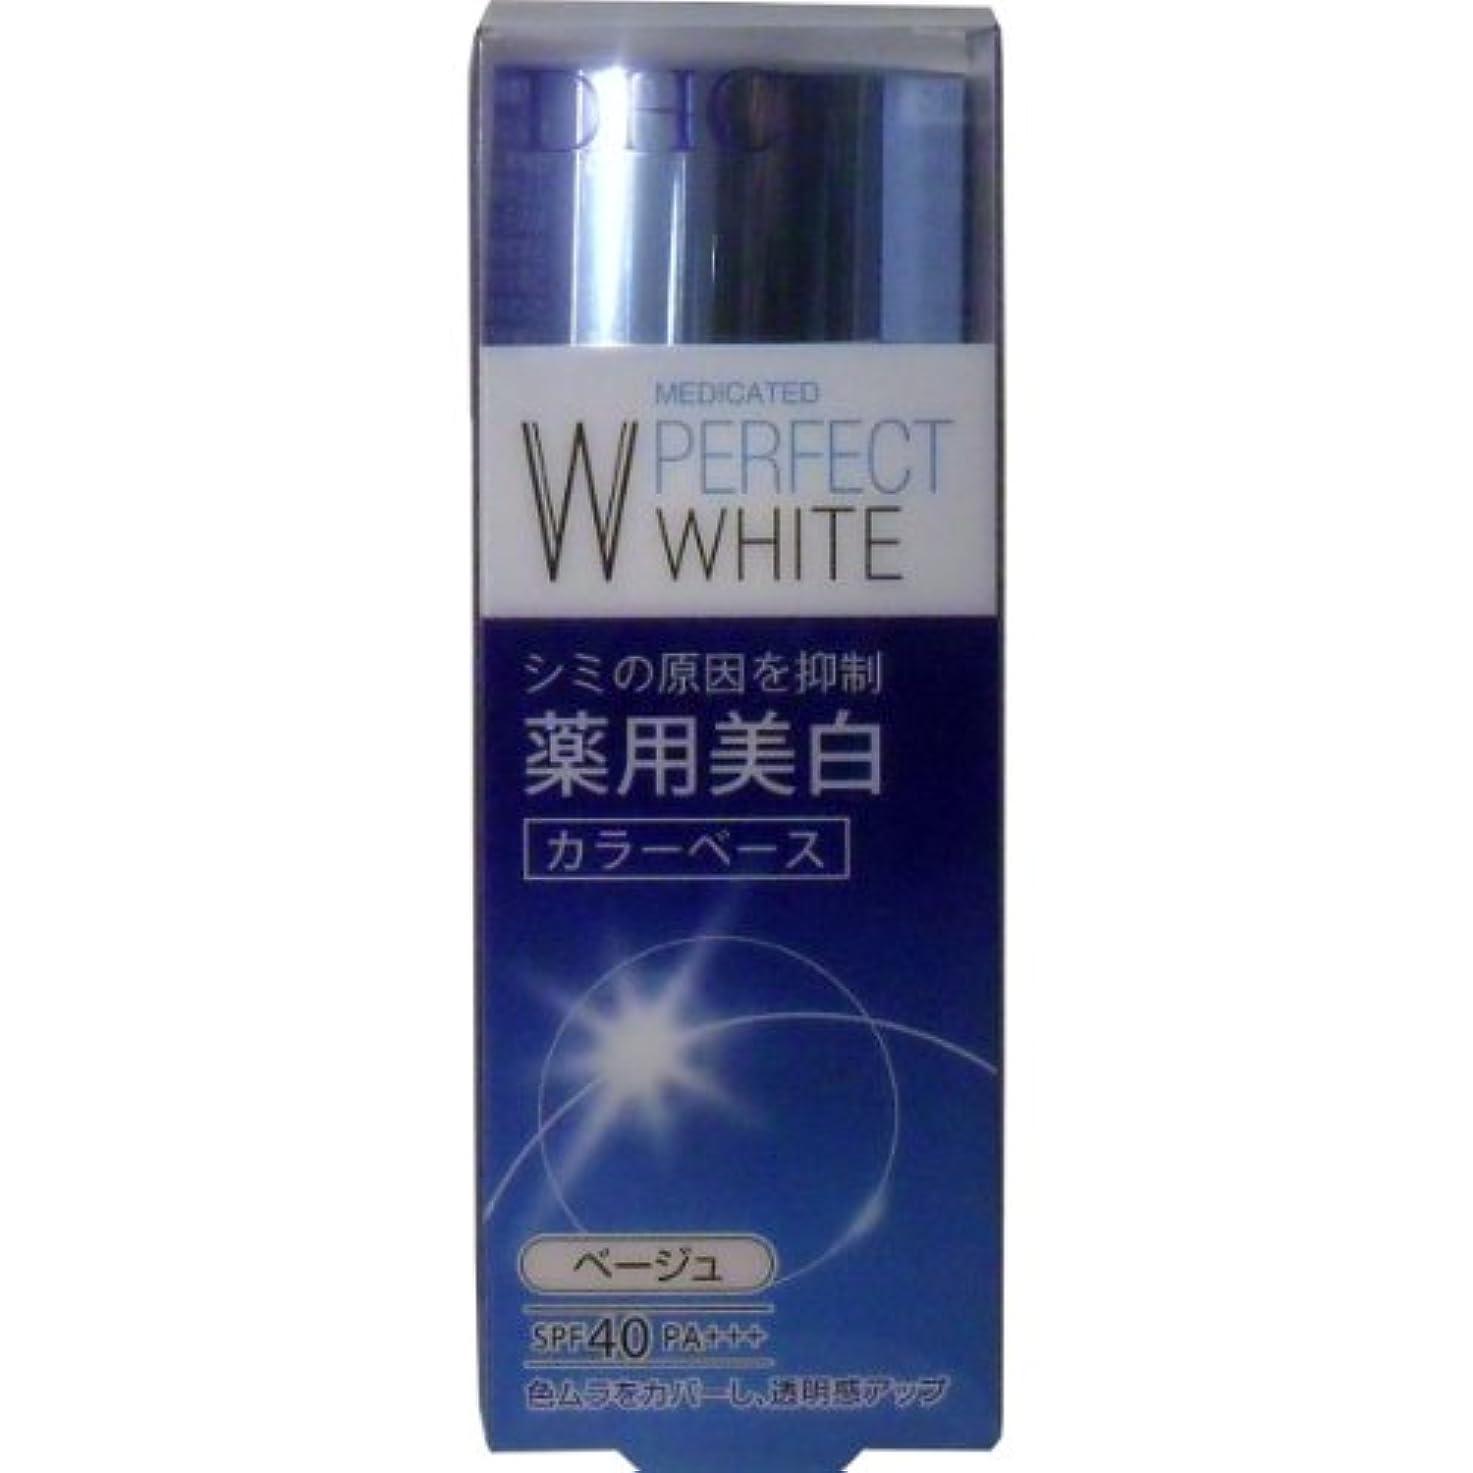 弾性帽子ボリュームDHC 薬用美白パーフェクトホワイト カラーベース ベージュ 30g (商品内訳:単品1個)